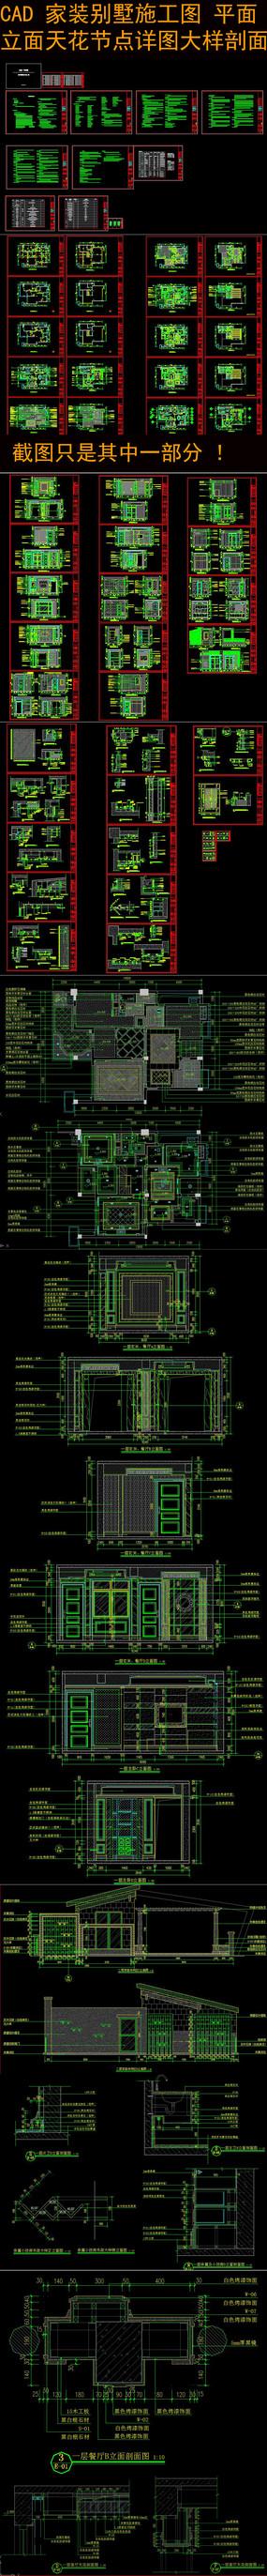 CAD别墅施工图节点大样图